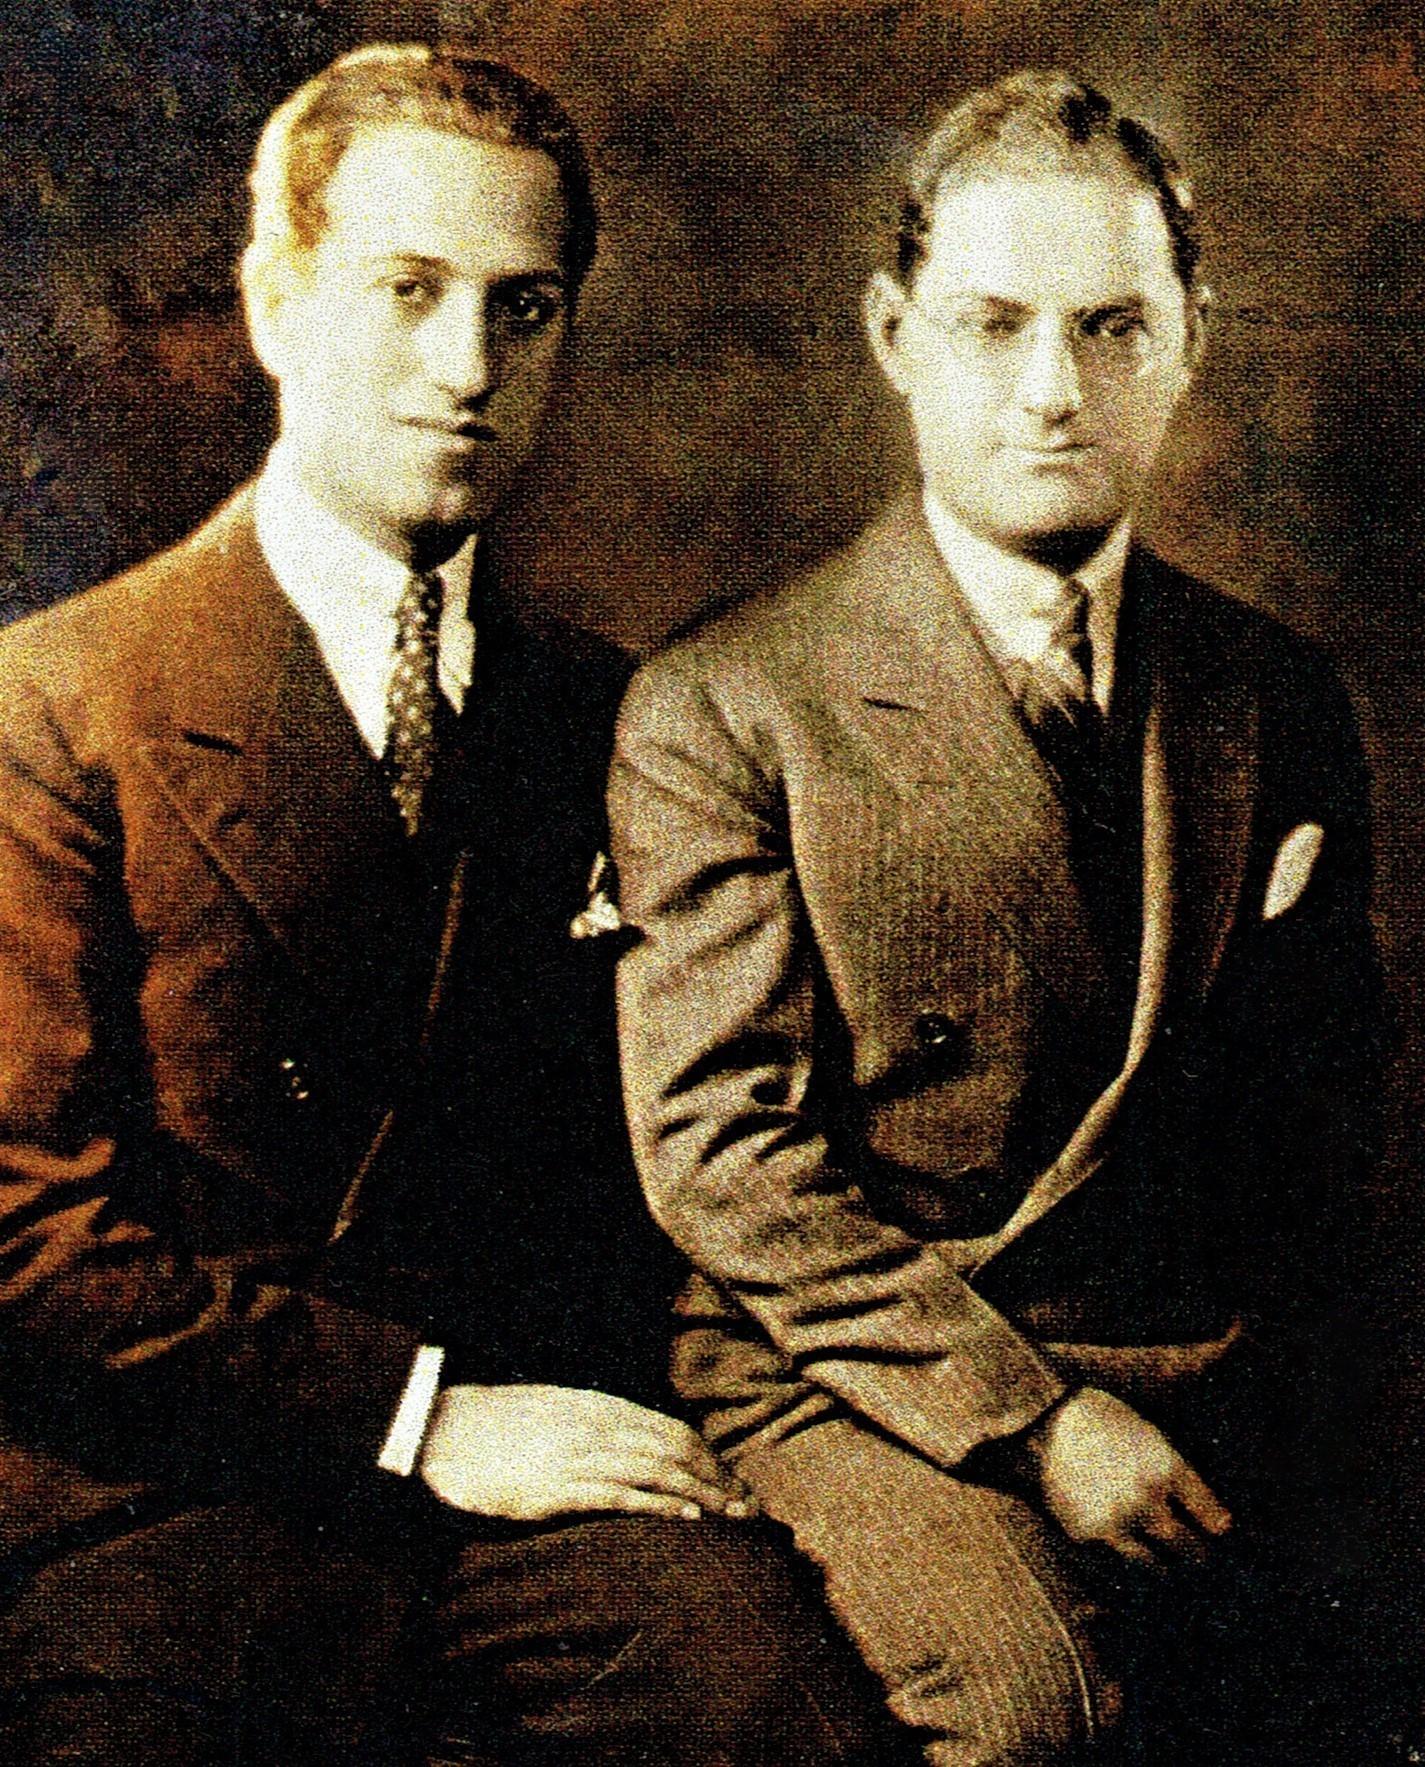 ジョージ・ガーシュウィン(左)と兄のアイラ・ガーシュウィン(1928年撮影)  Photo Courtesy of Michael Feinstein